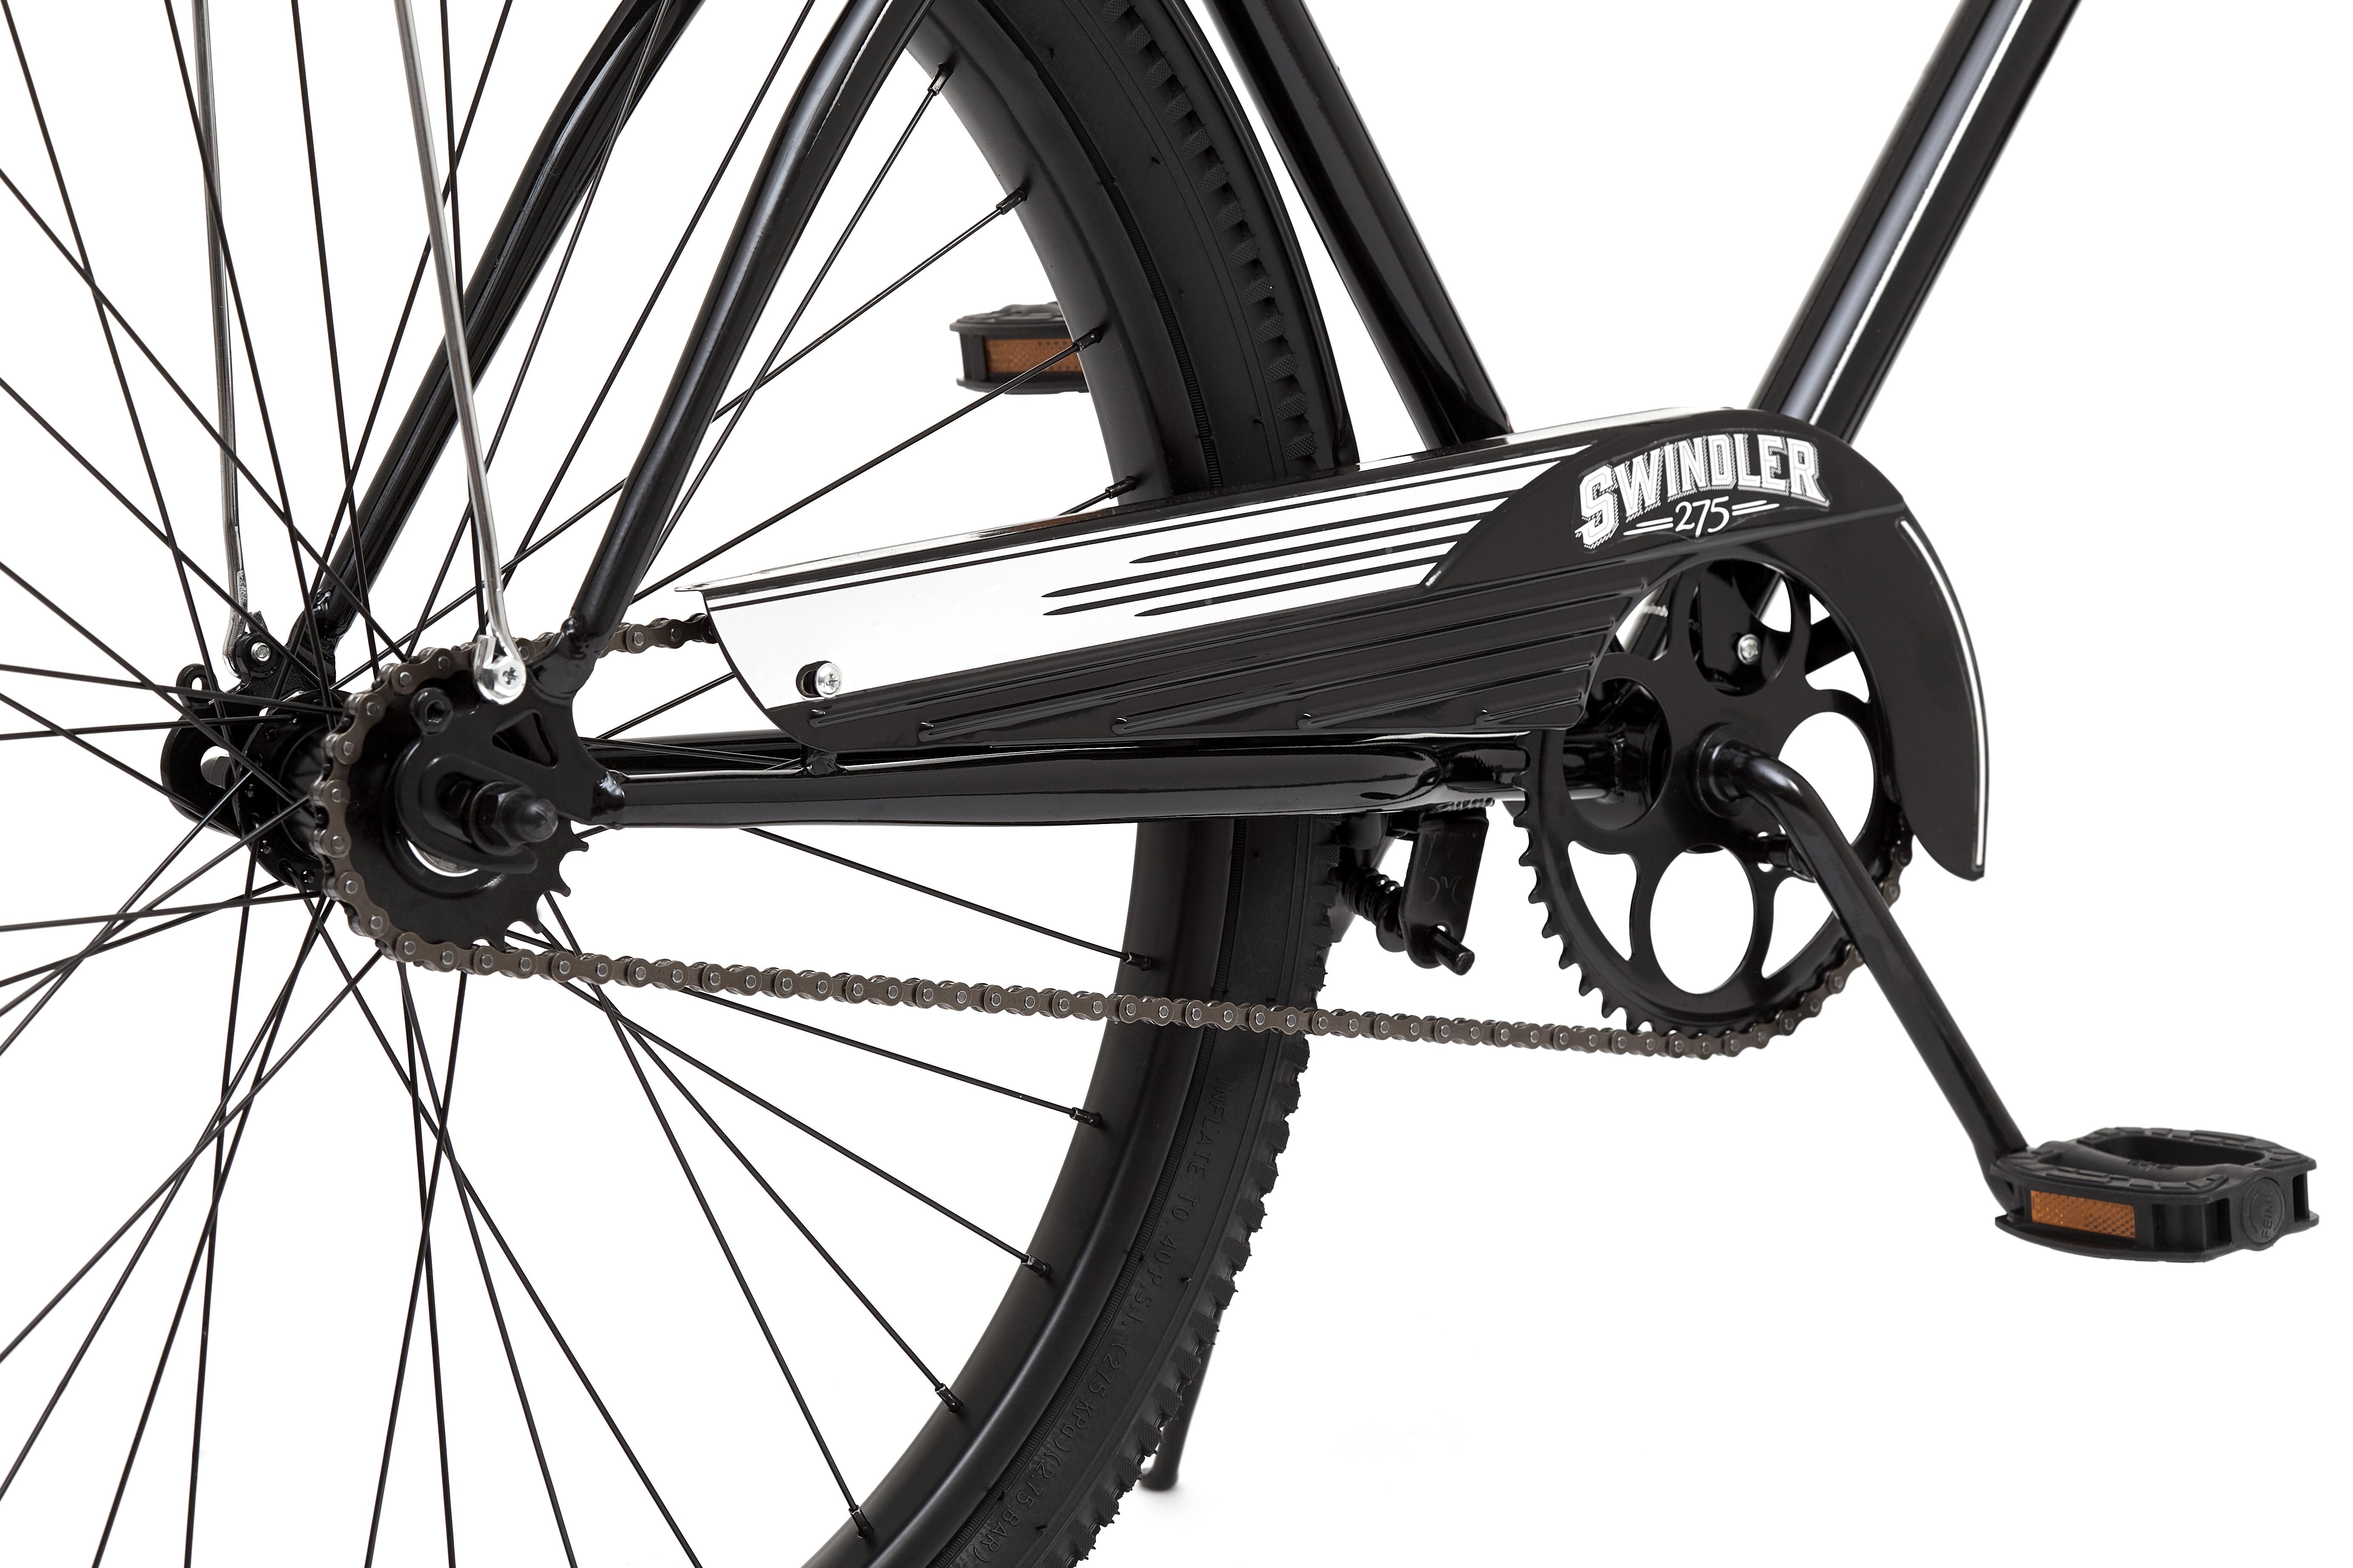 """Swindler - это один из самых выразительных и уникальных мужских круизеров Schwinn. Образ этого велосипеда составлен из классической рамы, амортизационной вилки спрингера, коротких стильных крыльев и сдержанного дизайна, дополненного хромированными элементами. Вилка спрингер - это наследие пятидесятых годов, она создает запоминающийся внешний вид велосипеду и хорошо амортизирует неровности дороги. Особая геометрия рамы с сильным наклоном подседельного штыря и регулируемый по высоте руль помогают подобрать максимально комфортную посадку индивидуально для Вас. Для большей стабильности и управляемости Schwinn Swindler имеет увеличенный размер колес 27,5"""". • Рама Schwinn Cruiser • Амортизационная вилка спрингер • 1 скорость • Тормоз ножной • Колеса 27,5"""" • Полноразмерная защита цепи"""